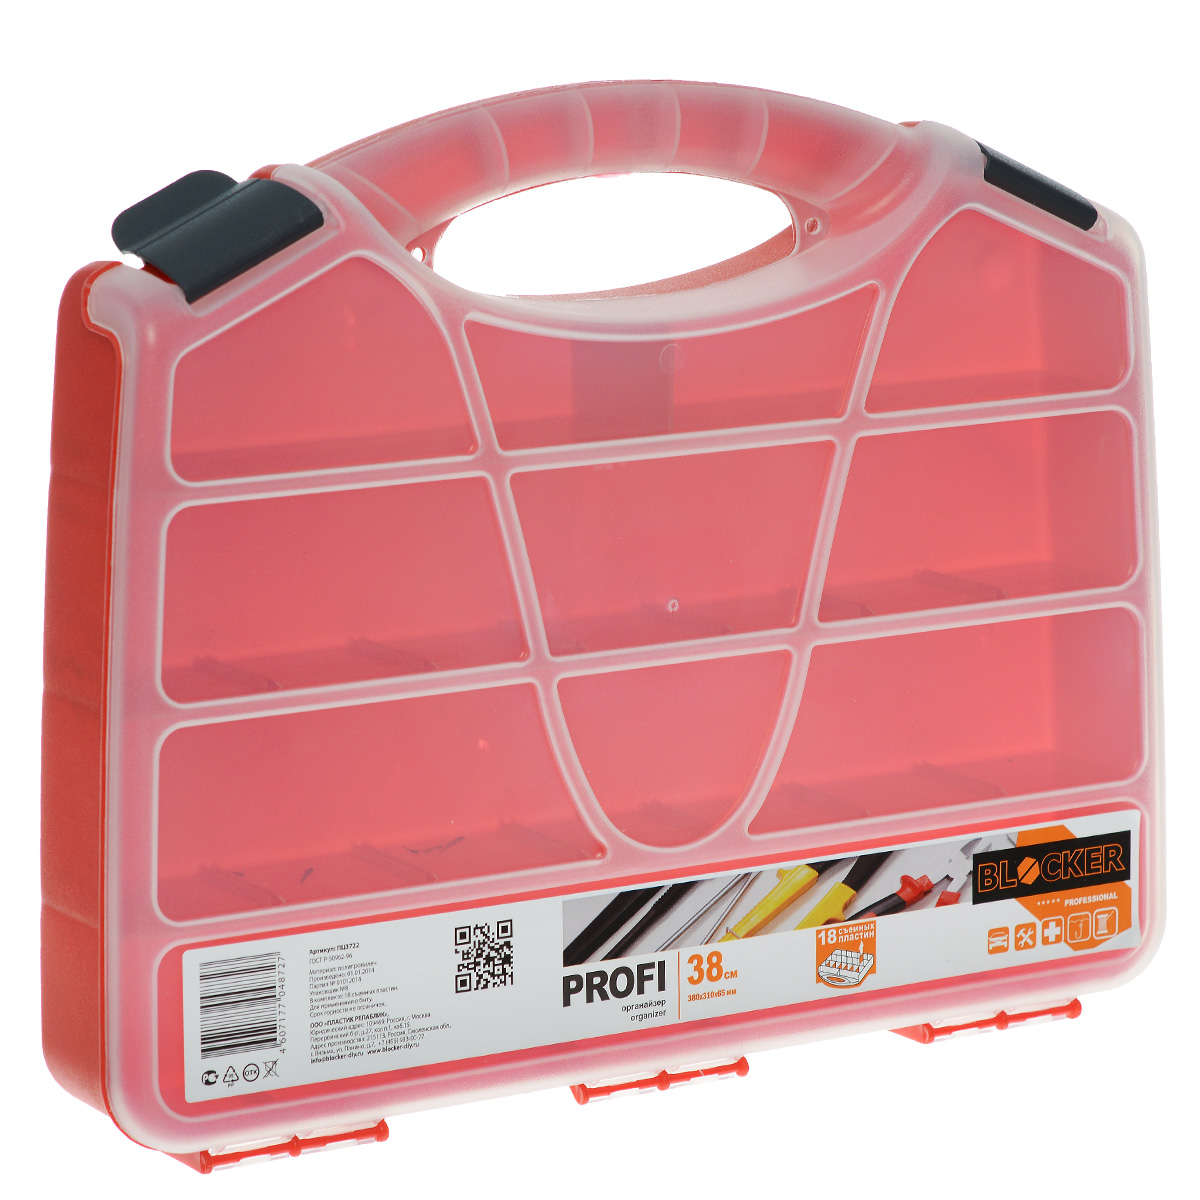 Органайзер Blocker Profi, со съемными перегородками, цвет: красный, прозрачный, серый, 38 х 31 х 6,5 см цена